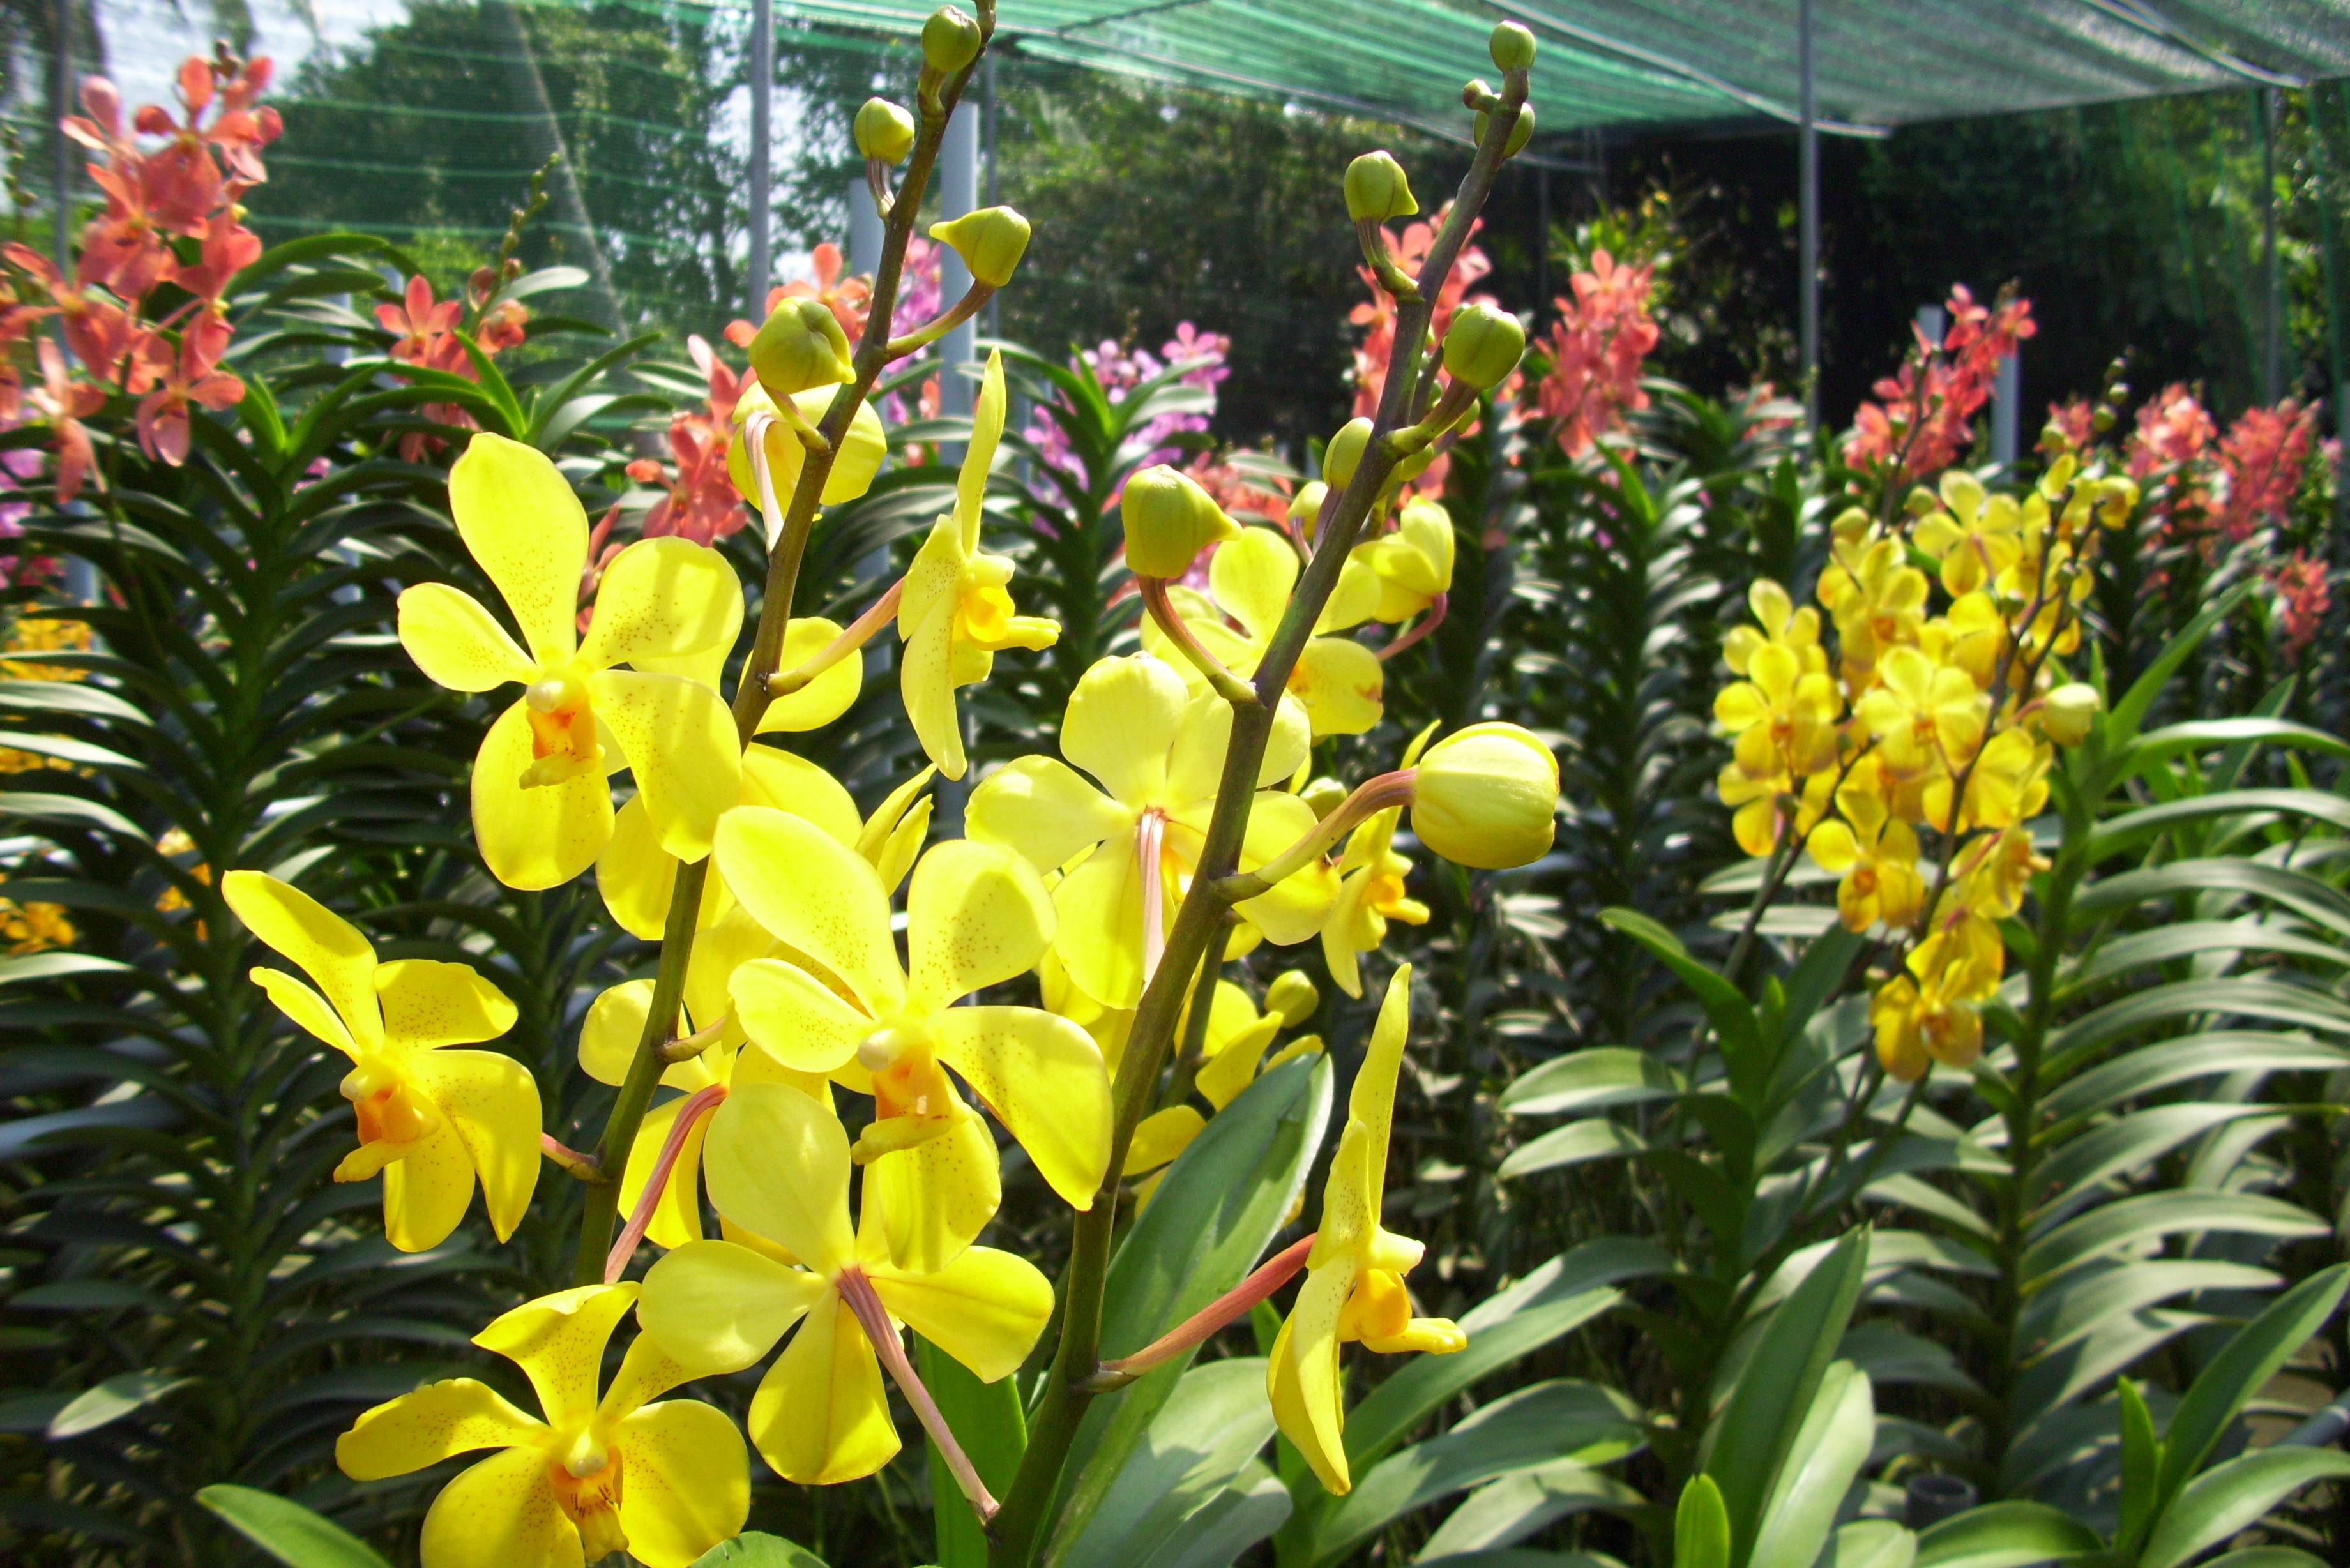 Mách nước các nguồn hàng nhập hoa tươi phong phú và giá rẻ